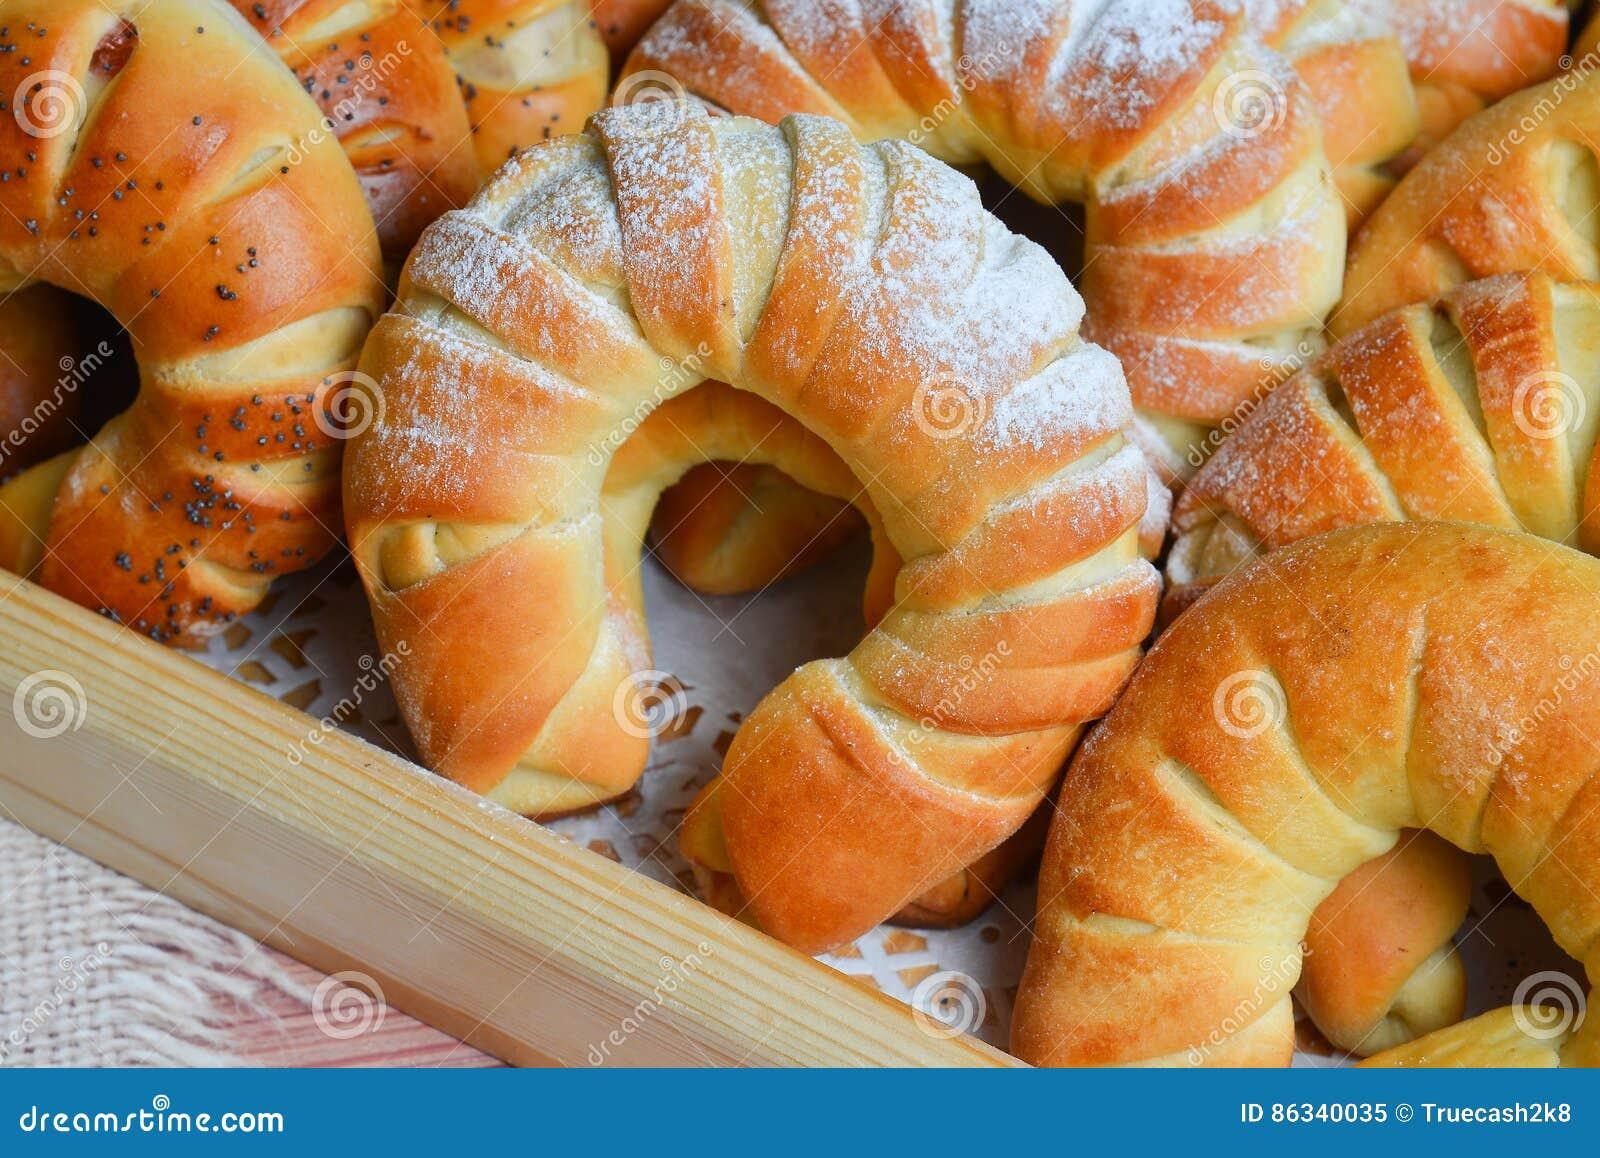 Verse enkel gebakken zoete broodjes of broodjes op dienblad voor ontbijt en thee of koffietijd op houten achtergrond